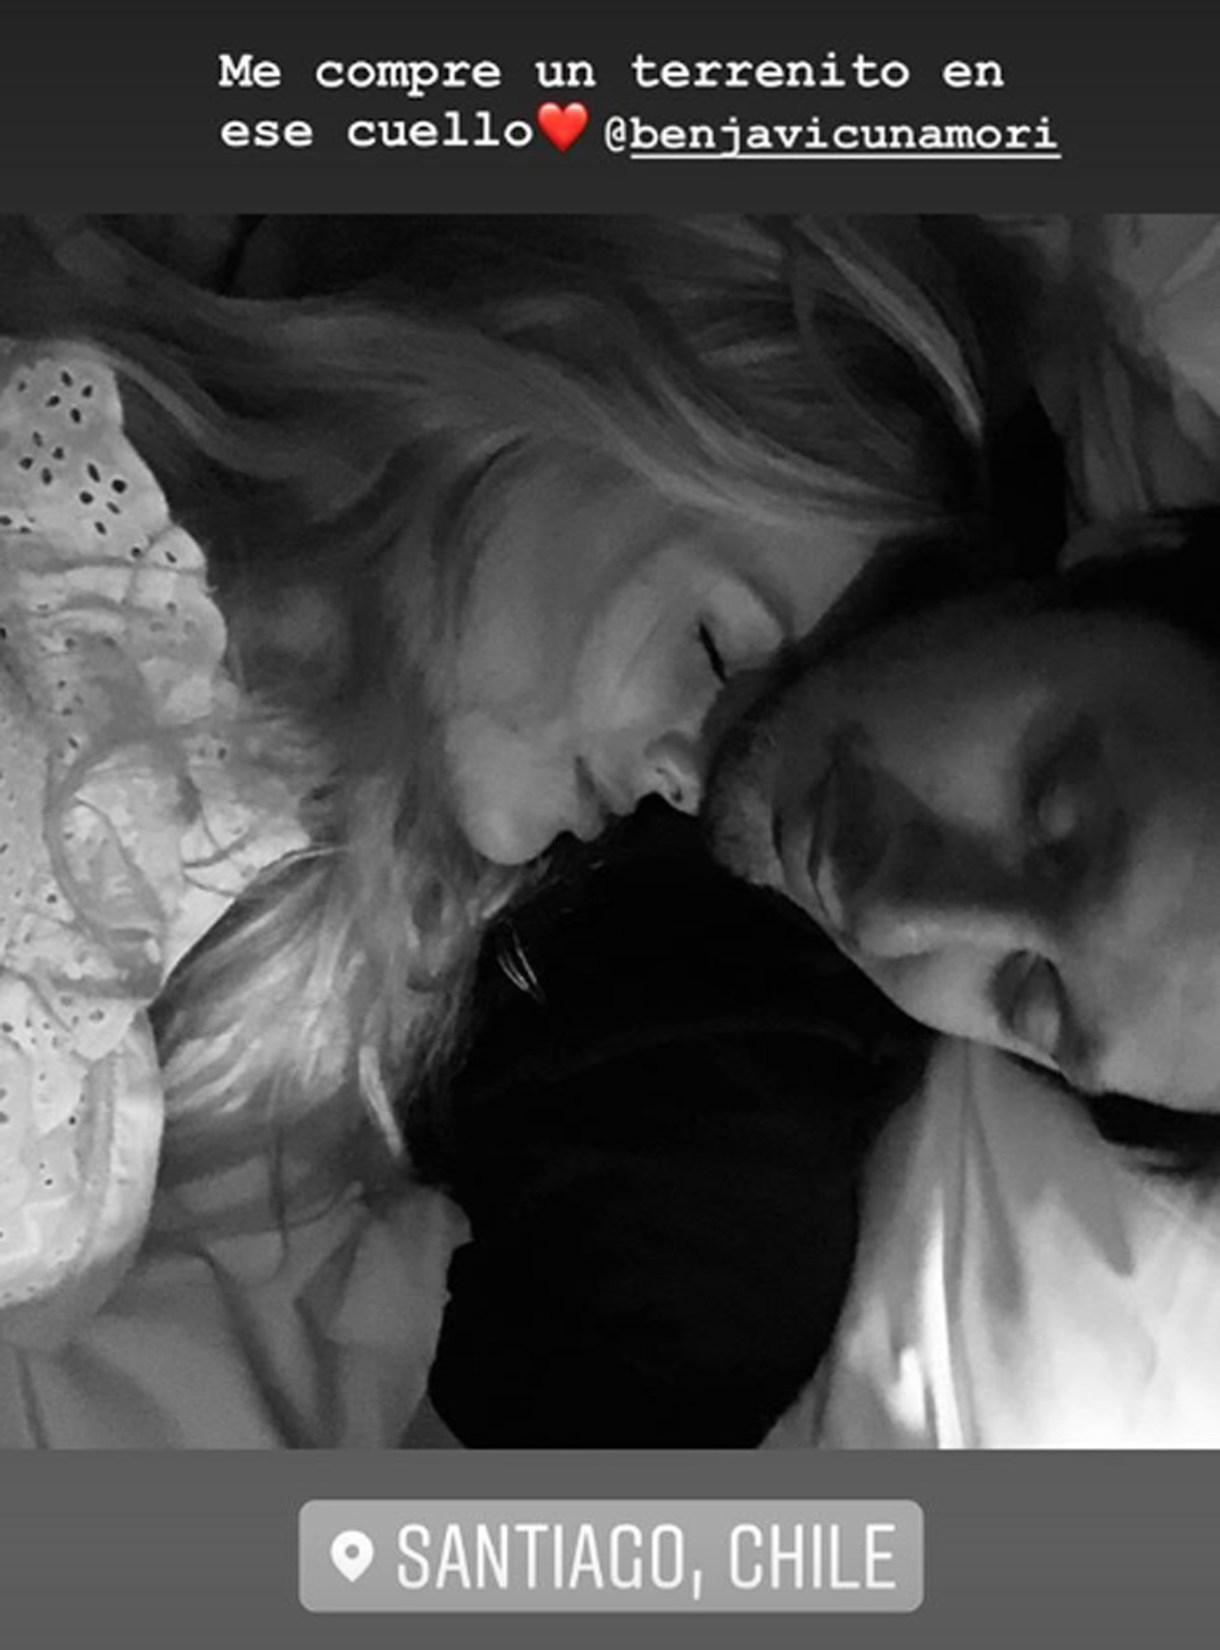 """La China Suárez y Benjamín Vicuña están enamorados y se muestran su cariño de manera pública. """"Me compré un terrenito en ese cuello"""", escribió la actriz junto a una romántica foto en Instagram"""